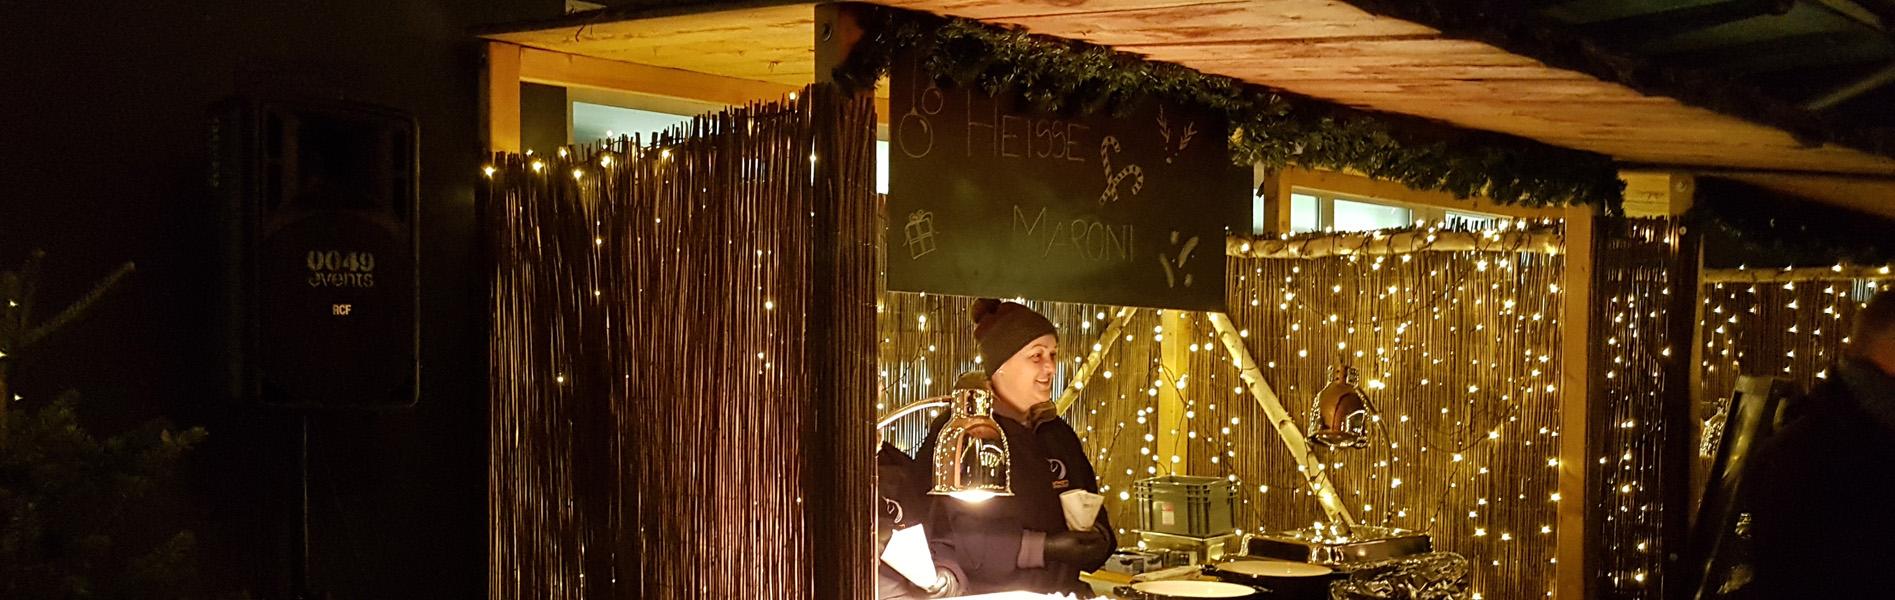 Weihnachtsfeier catering München-Unikorn Catering & Events-Location München-Weihnachtsfeier München-Food Truck Catreing München